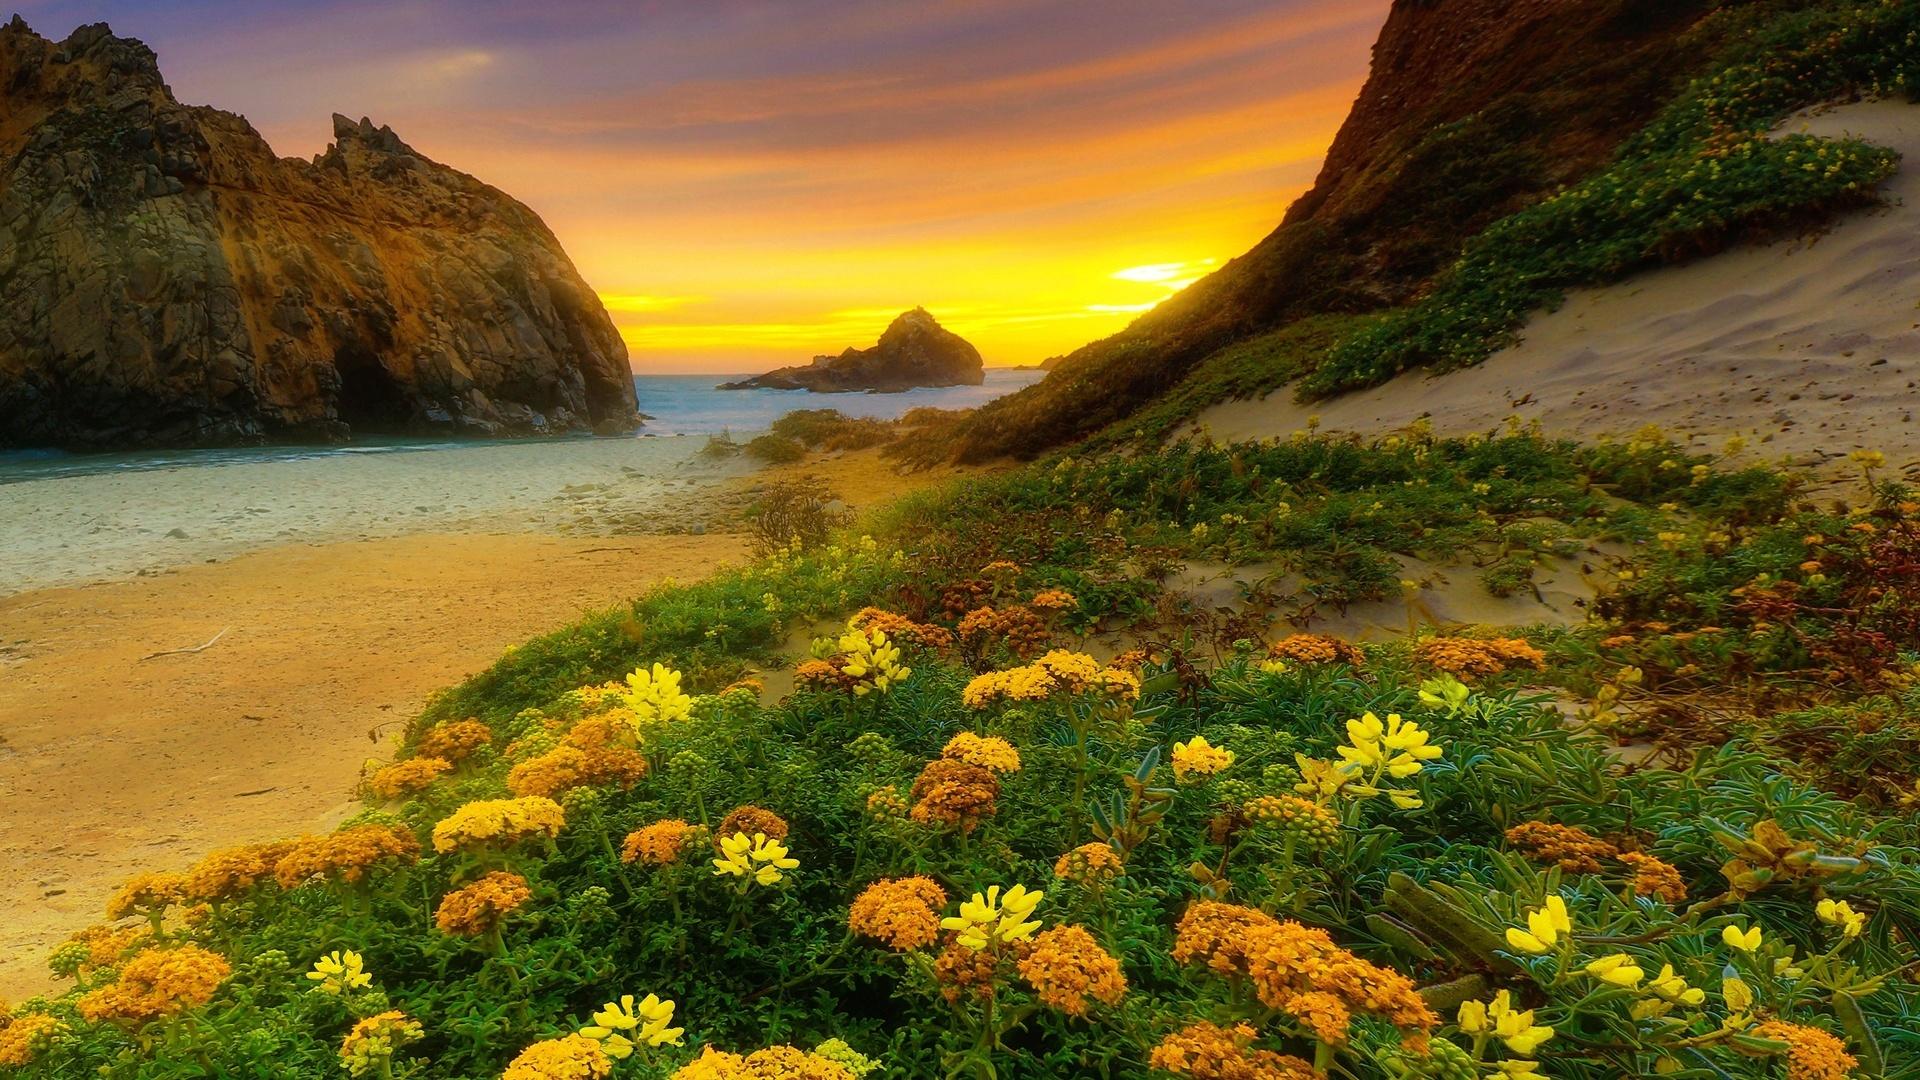 сша, калифорния, природа, пейзаж, океан, горы, скалы, берег, цветы